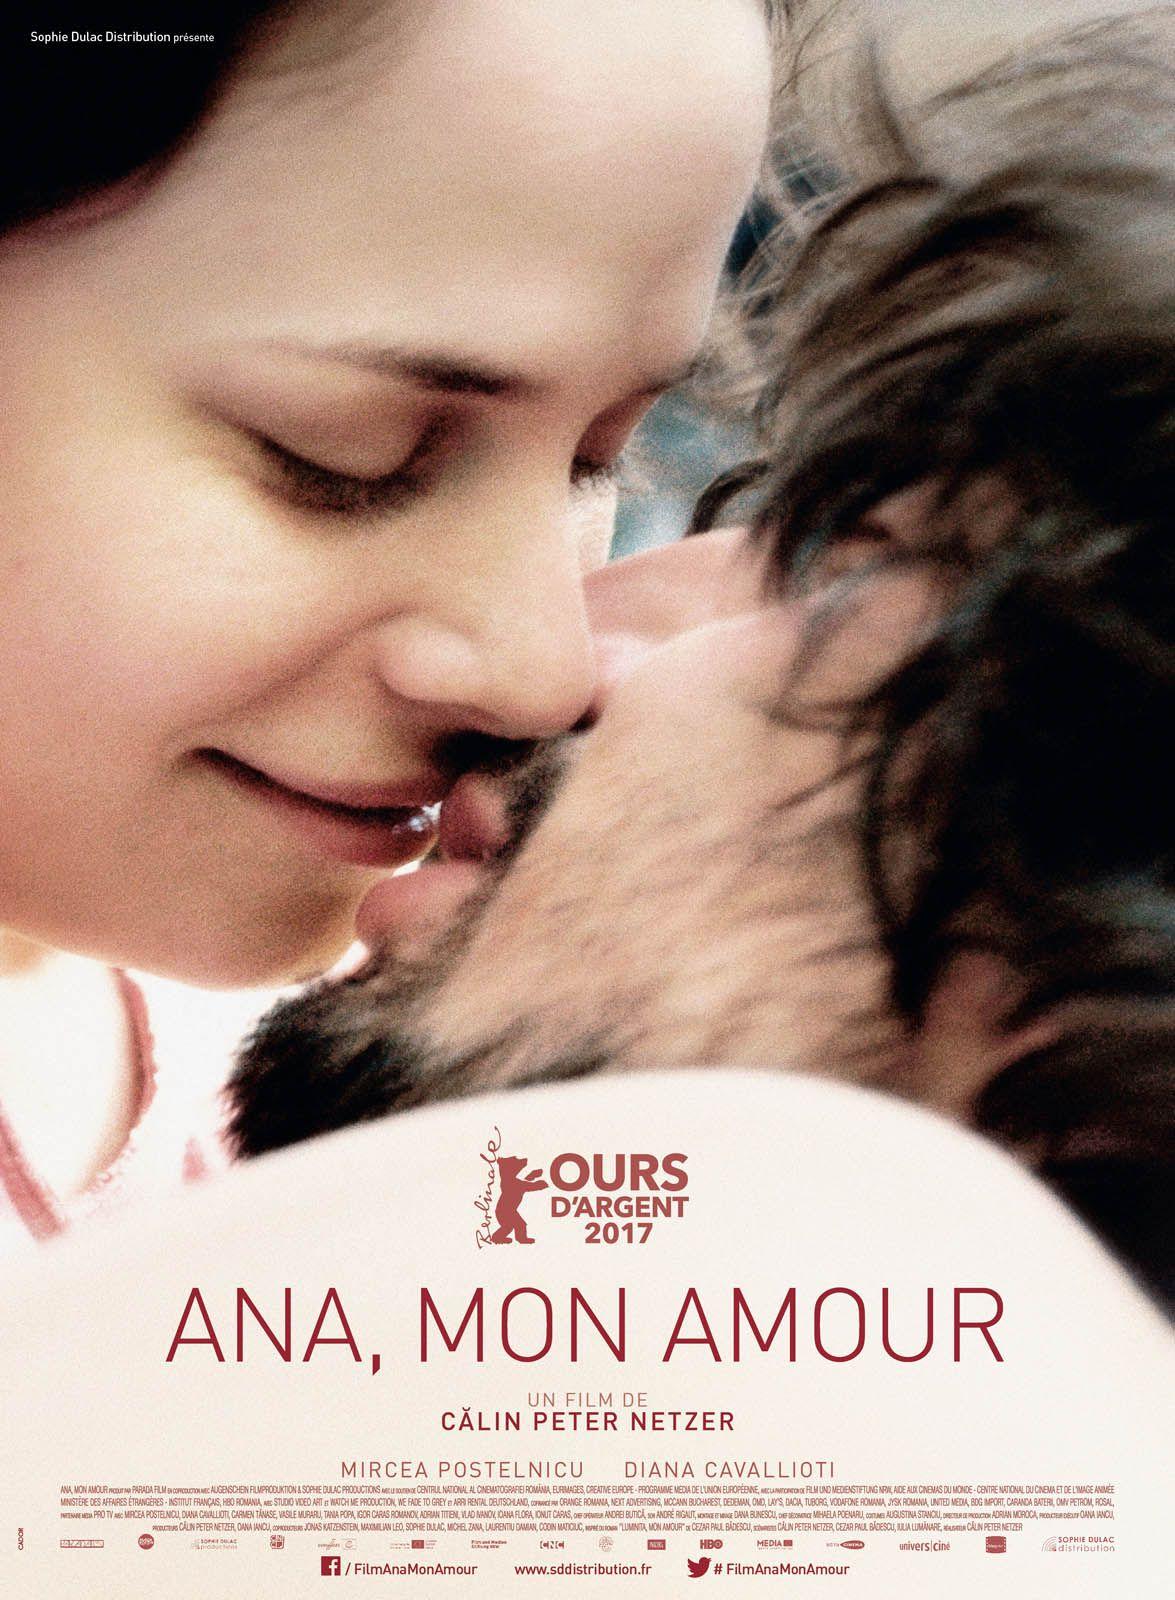 Phim Ana Tình Yêu Của Tôi - Ana My Love (Ana, mon amour) (2017)